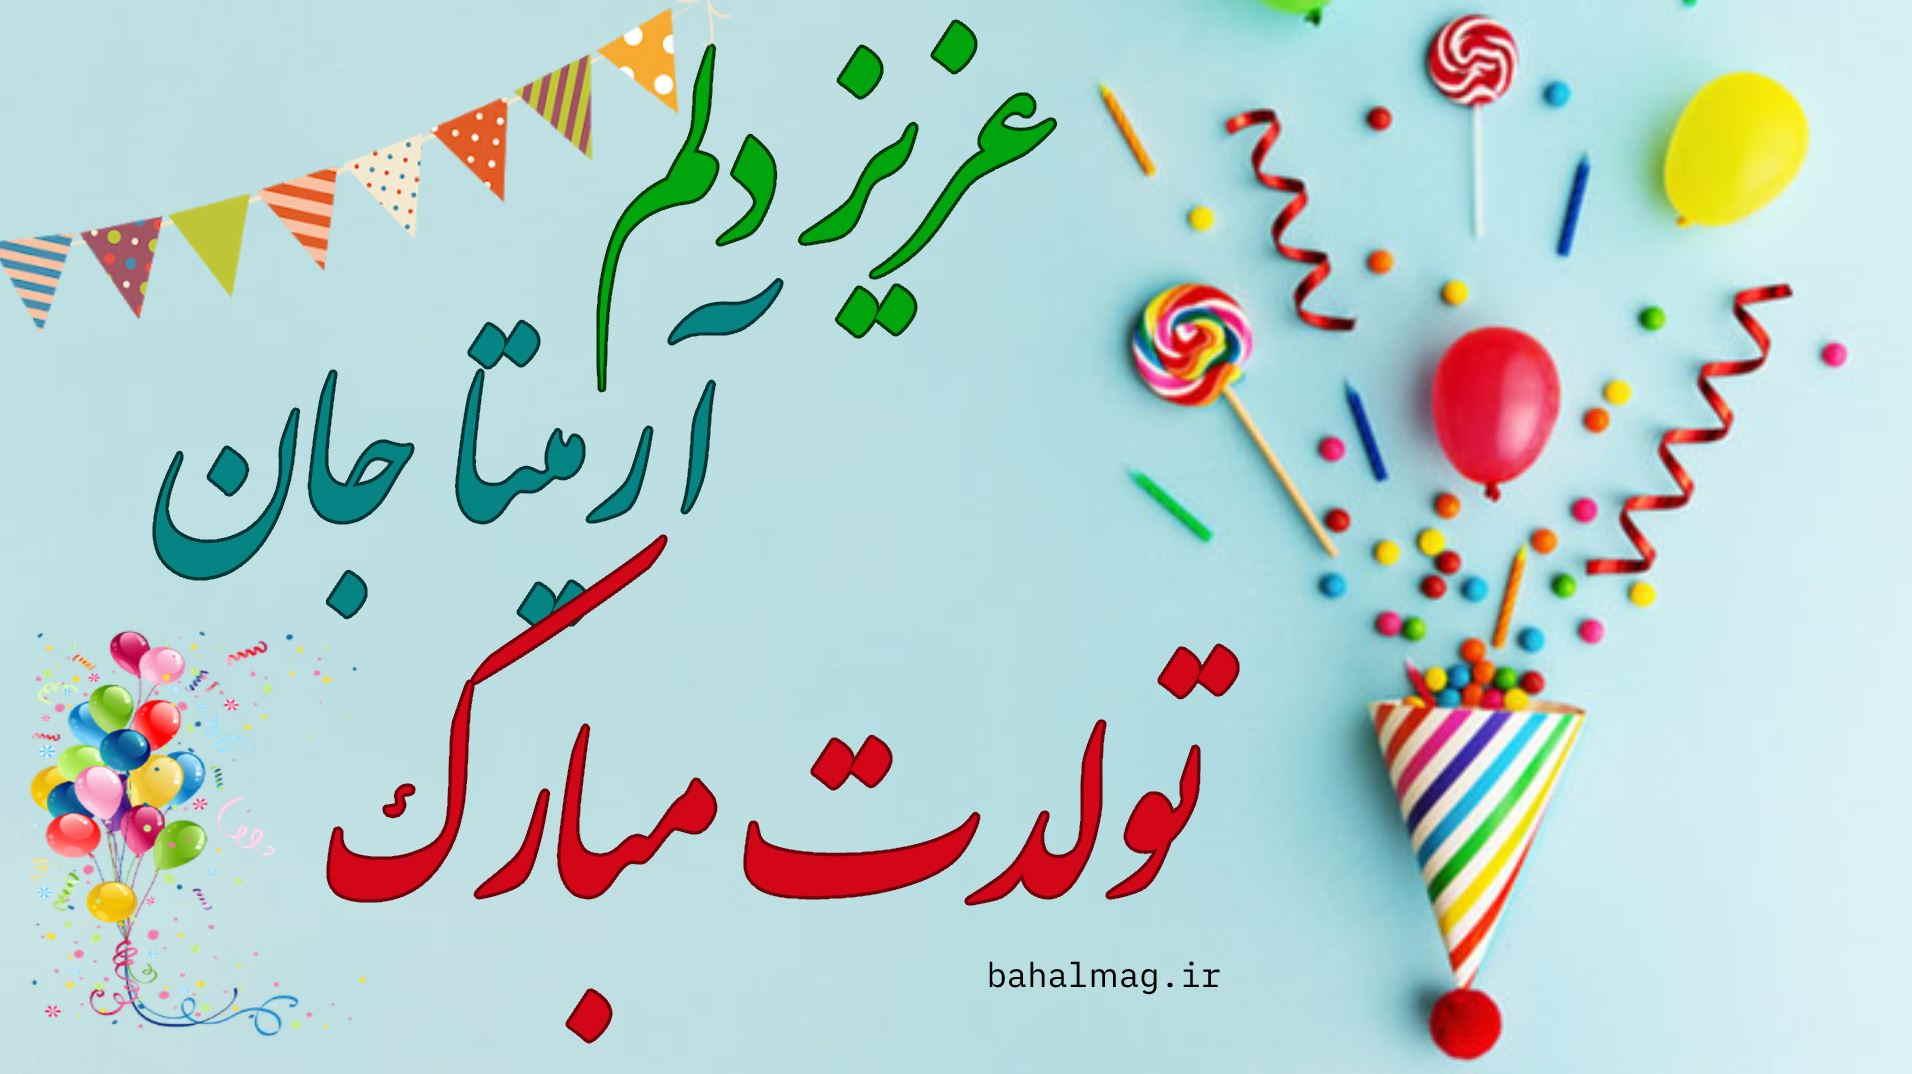 عزیز دلم آرمیتا تولدت مبارک